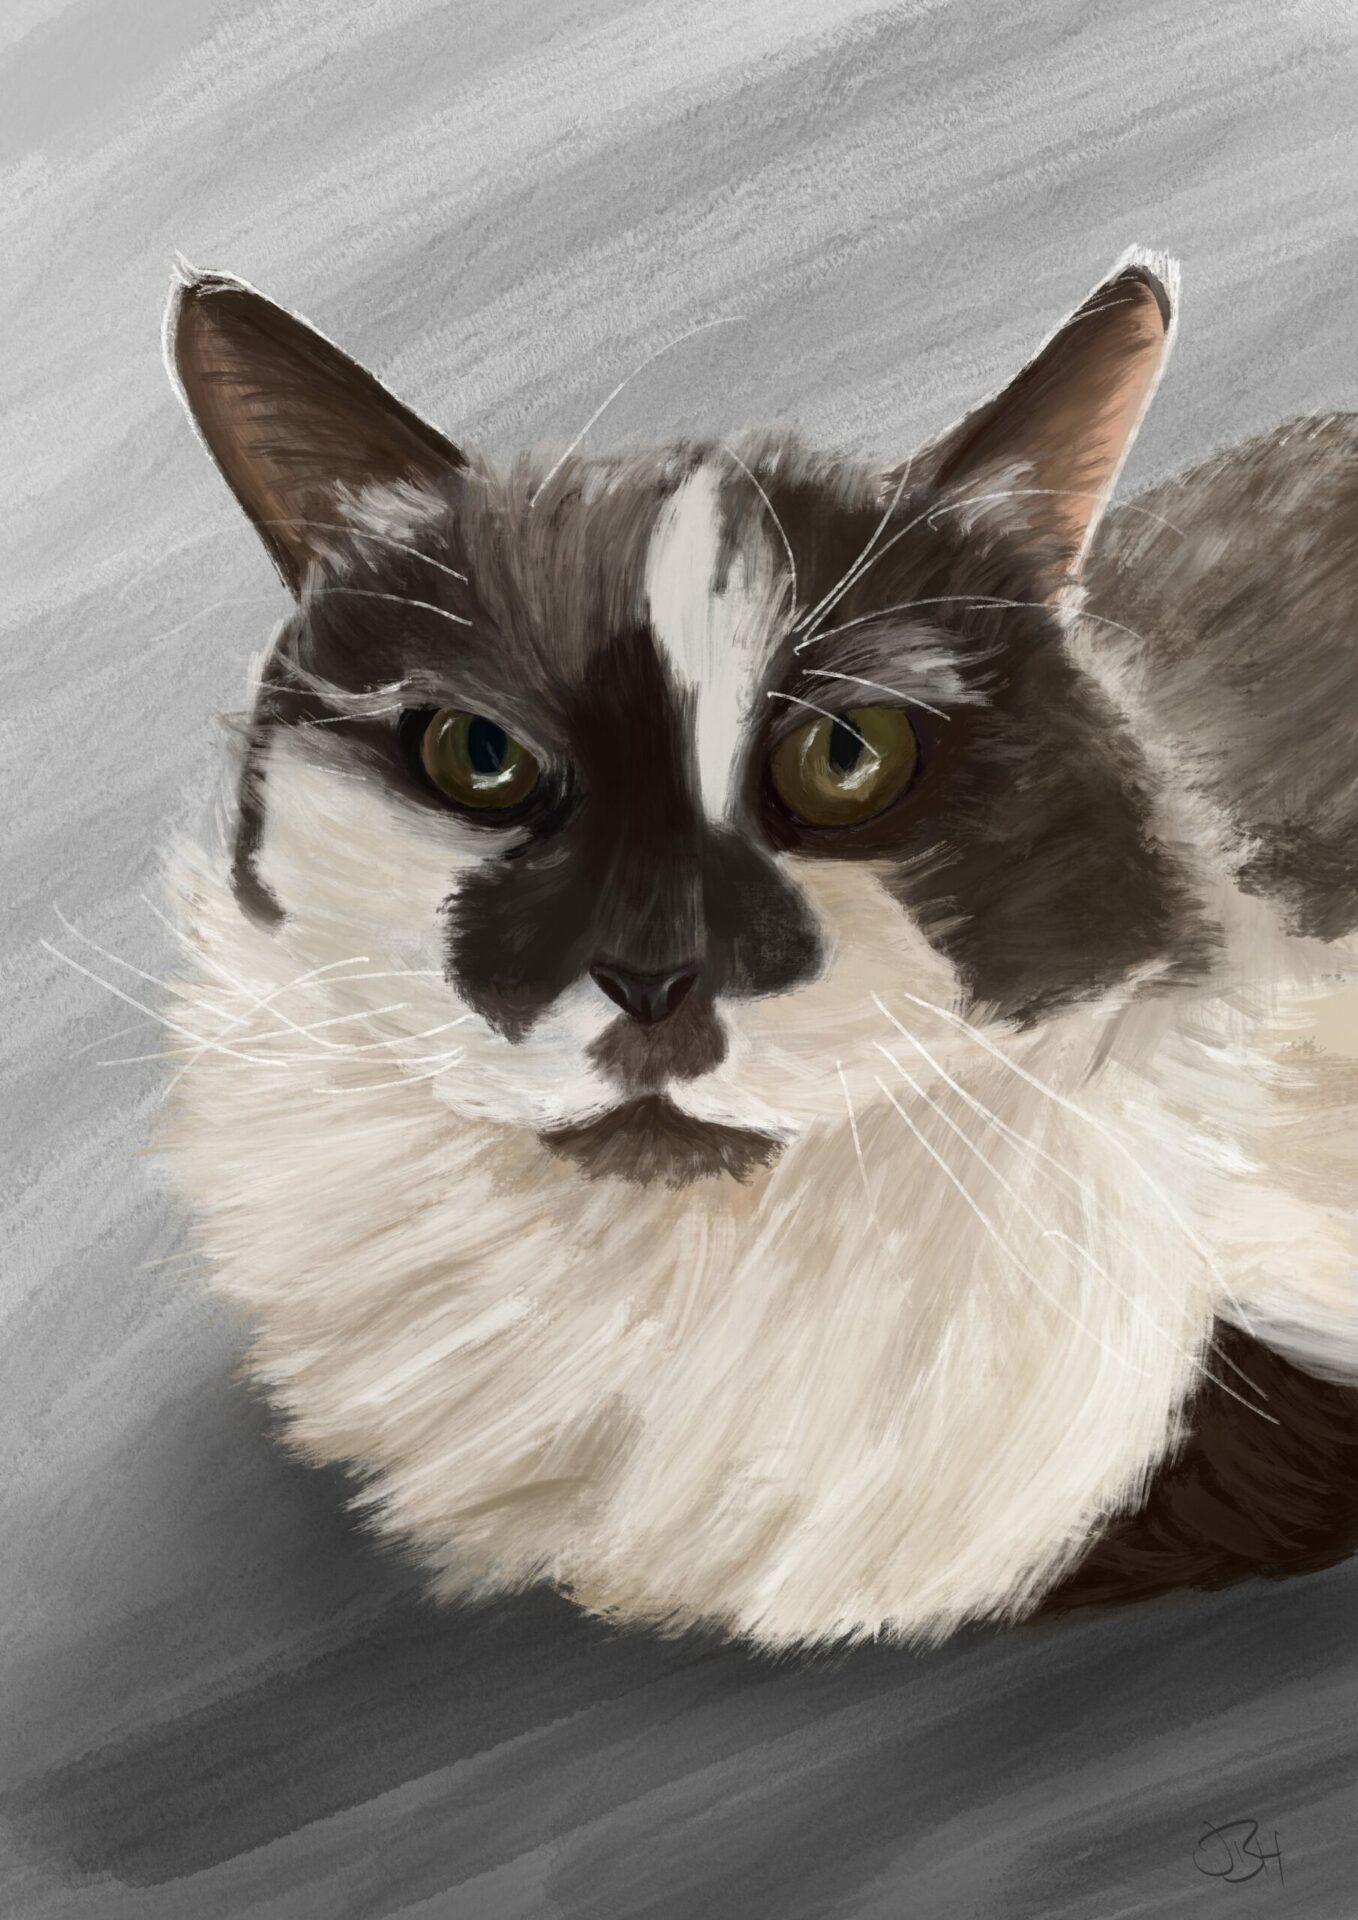 ethal pet portrait